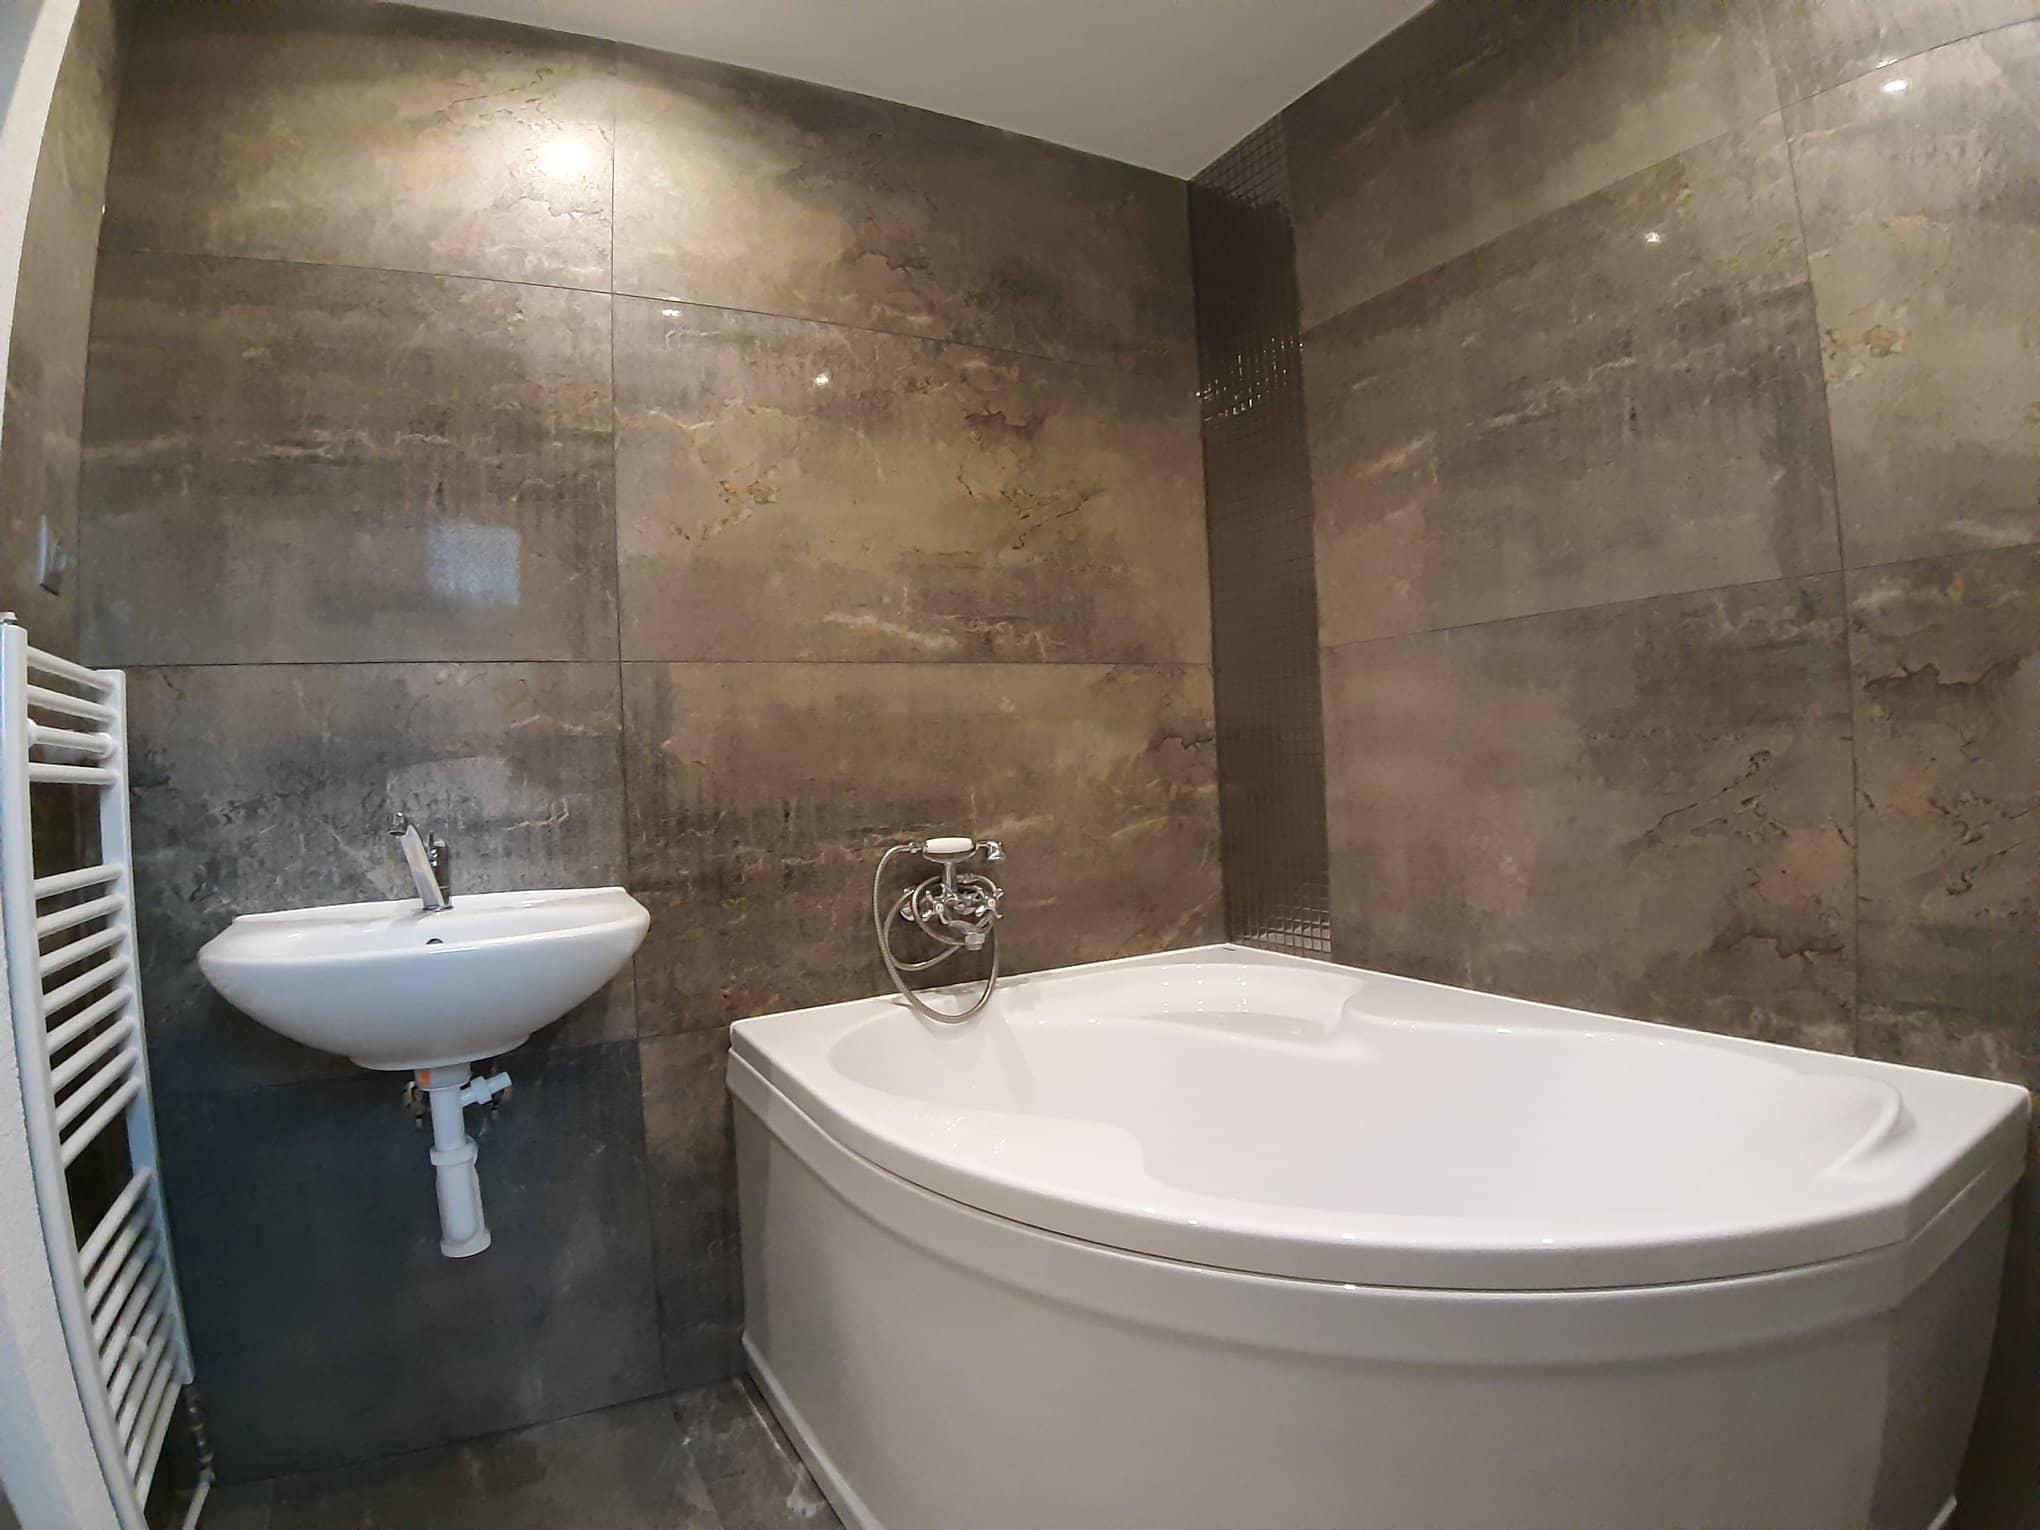 Reformas integrales de vivienda en Barcelona revestimientos paredes baños